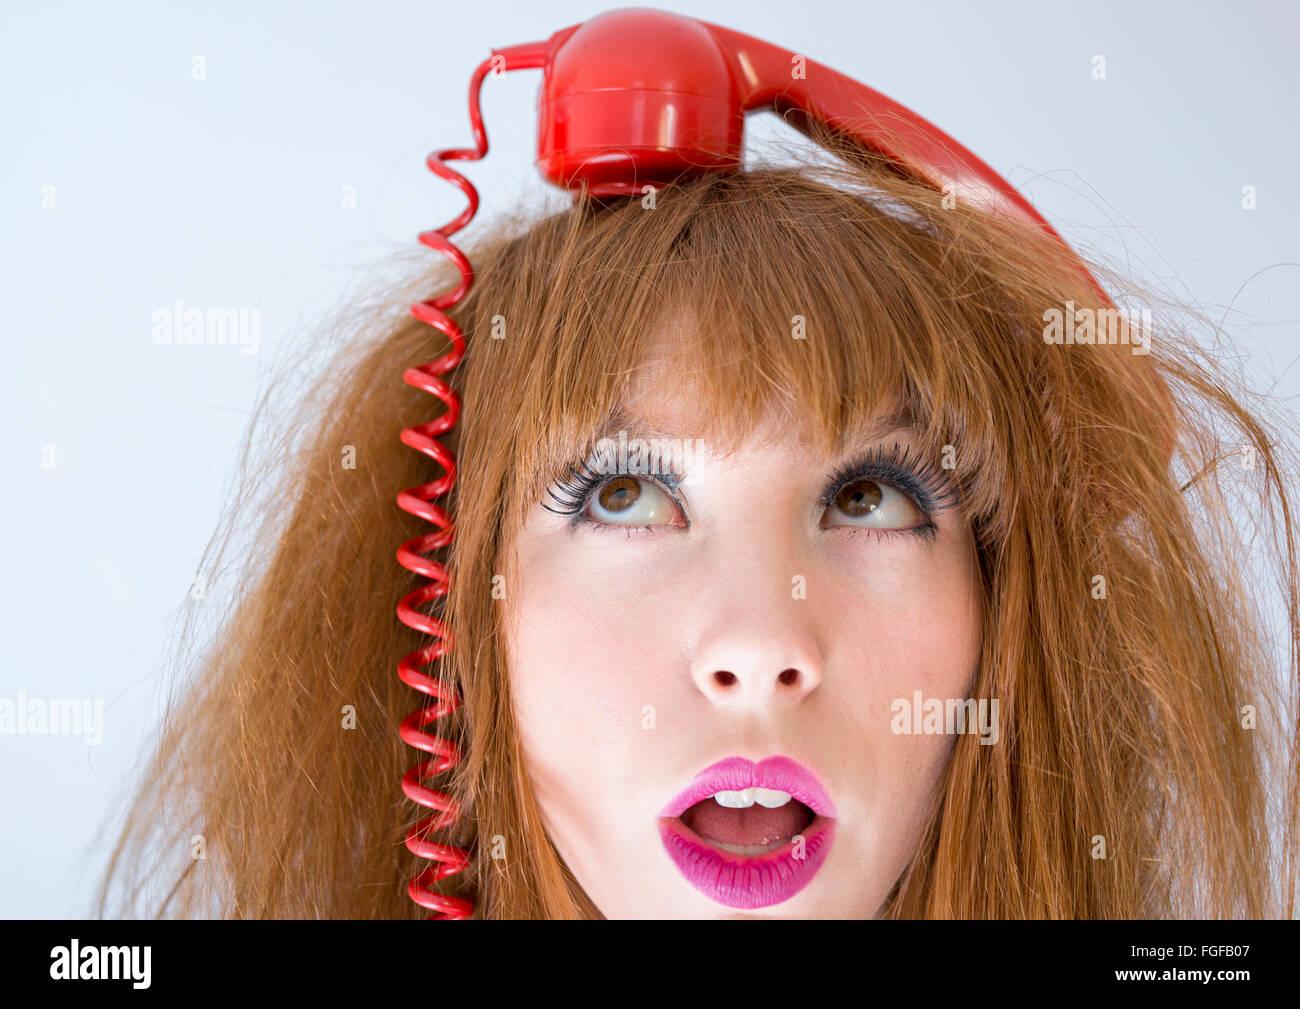 Frau mit einem roten Retro-Telefonhörer oben auf dem Kopf balancieren Stockfoto